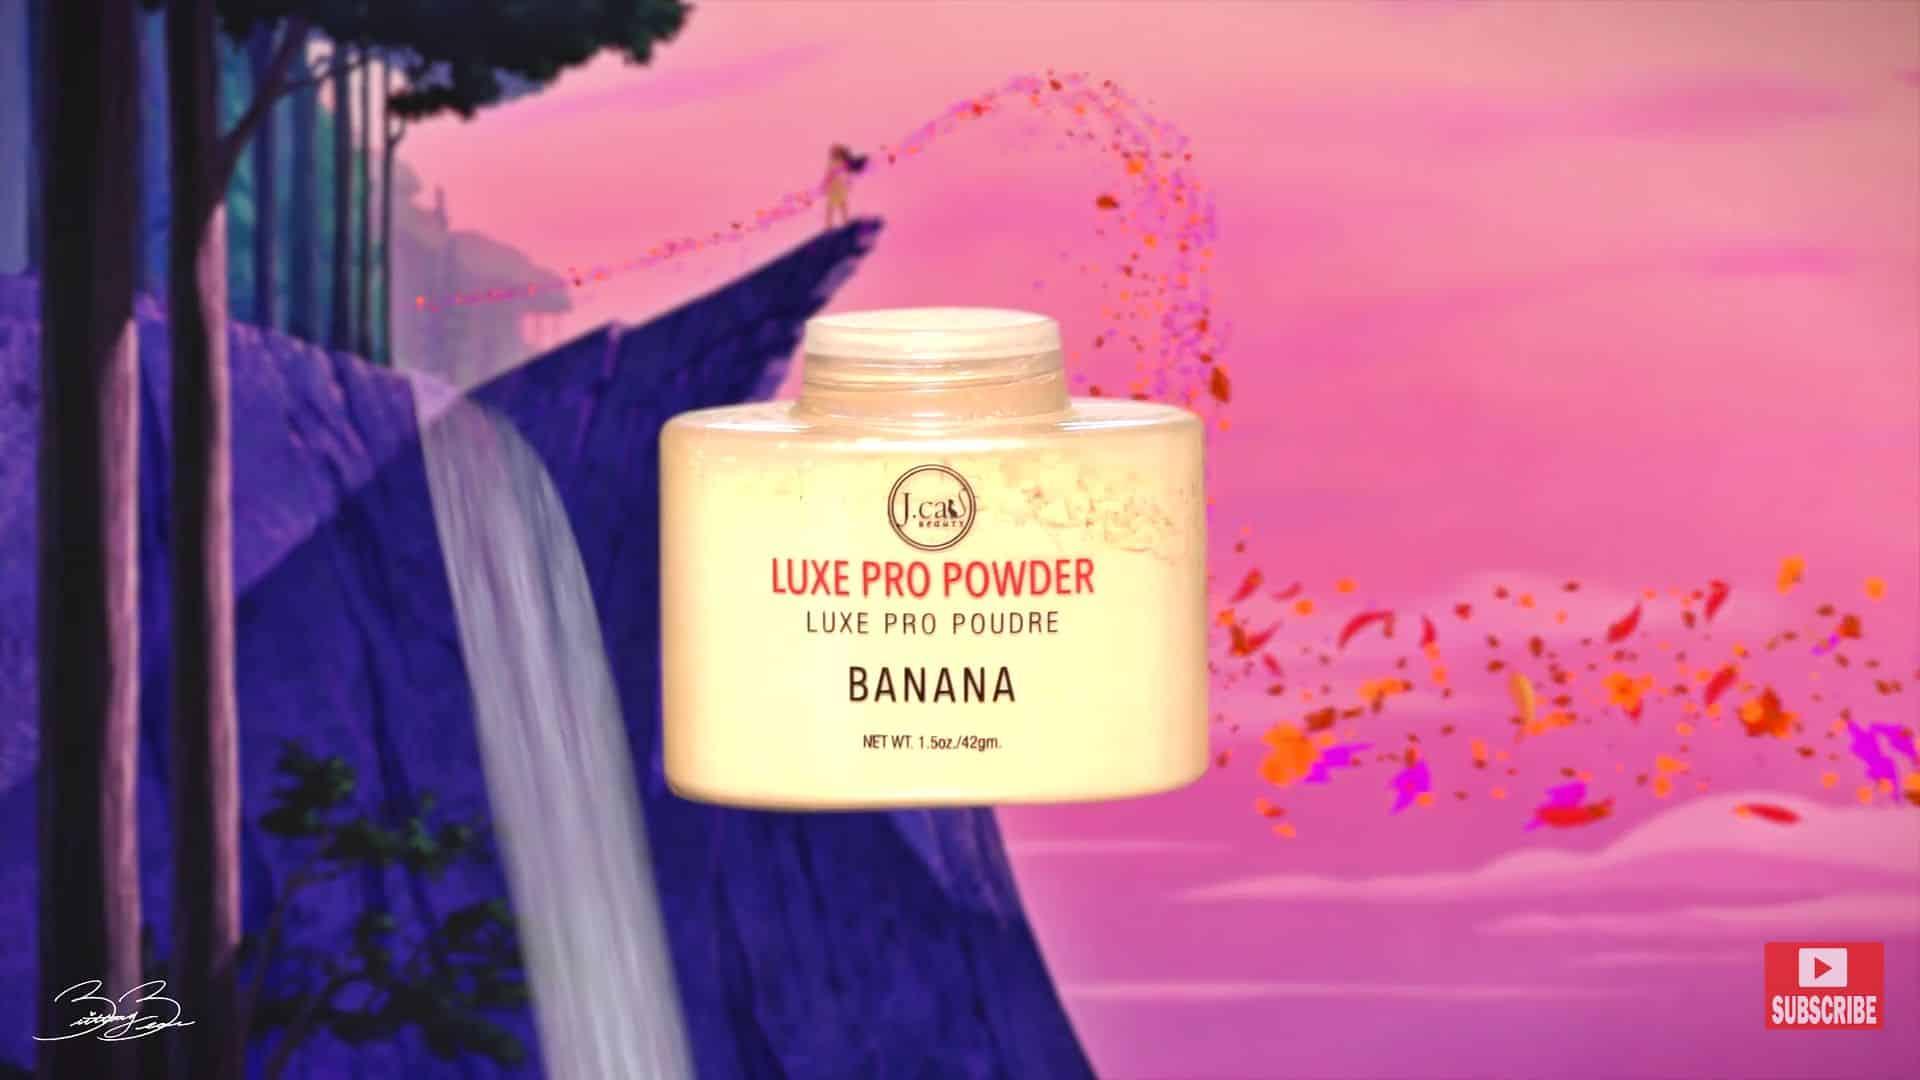 Maquíllate como la princesa Pocahontas,BrittanyBearMakeup 2020.polvo de banana. luxe pro powder.